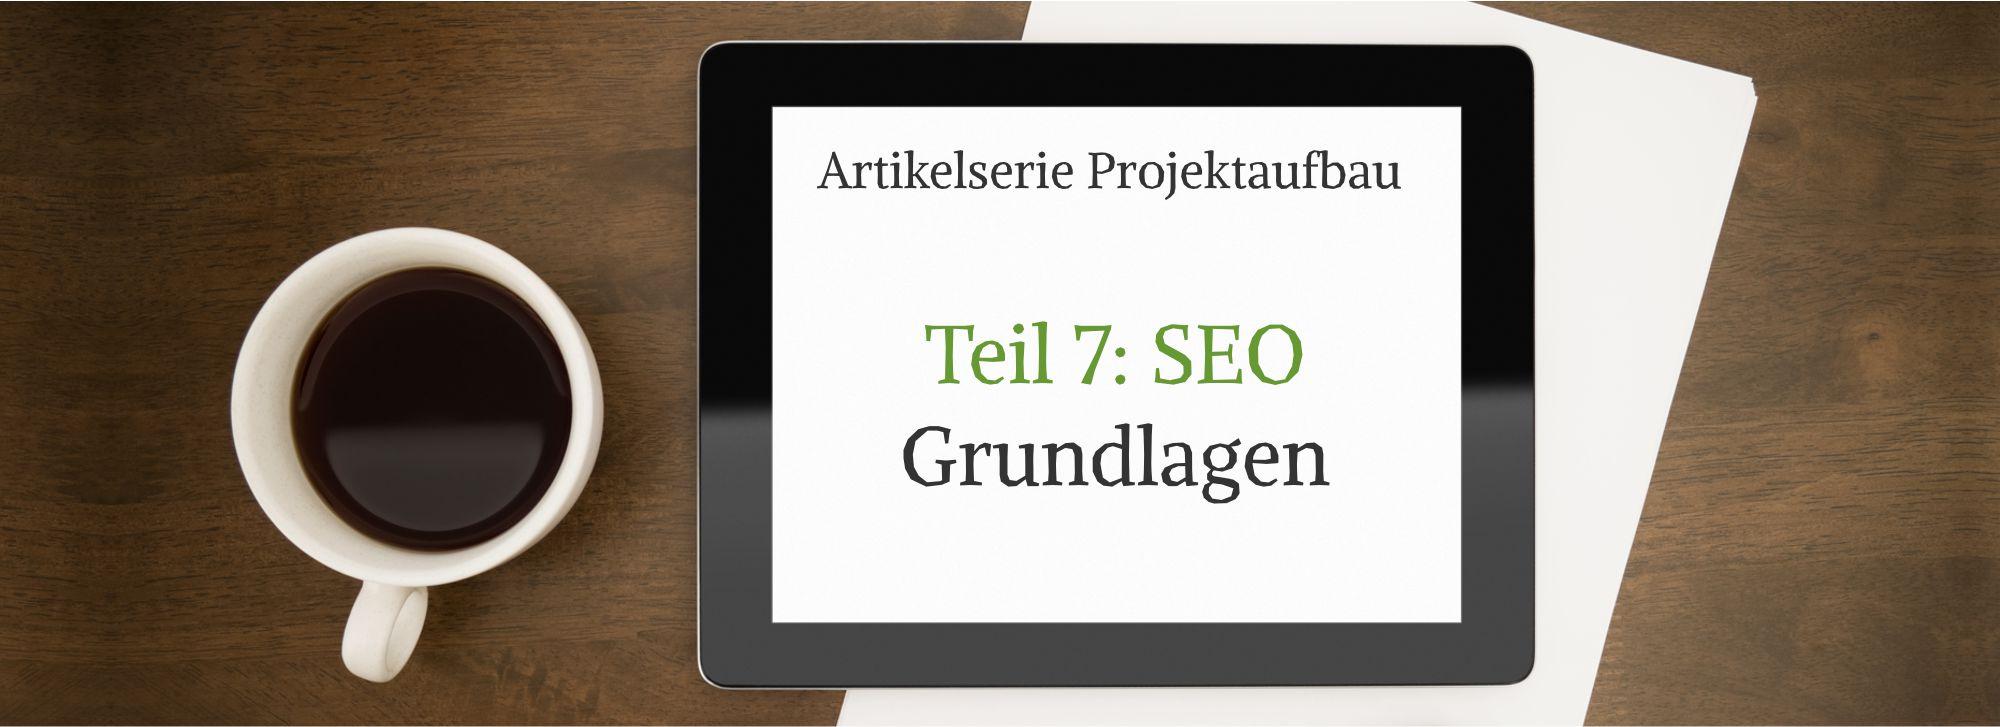 SEO Grundlagen: Mach dein Projekt zur ersten Instanz bei Google.